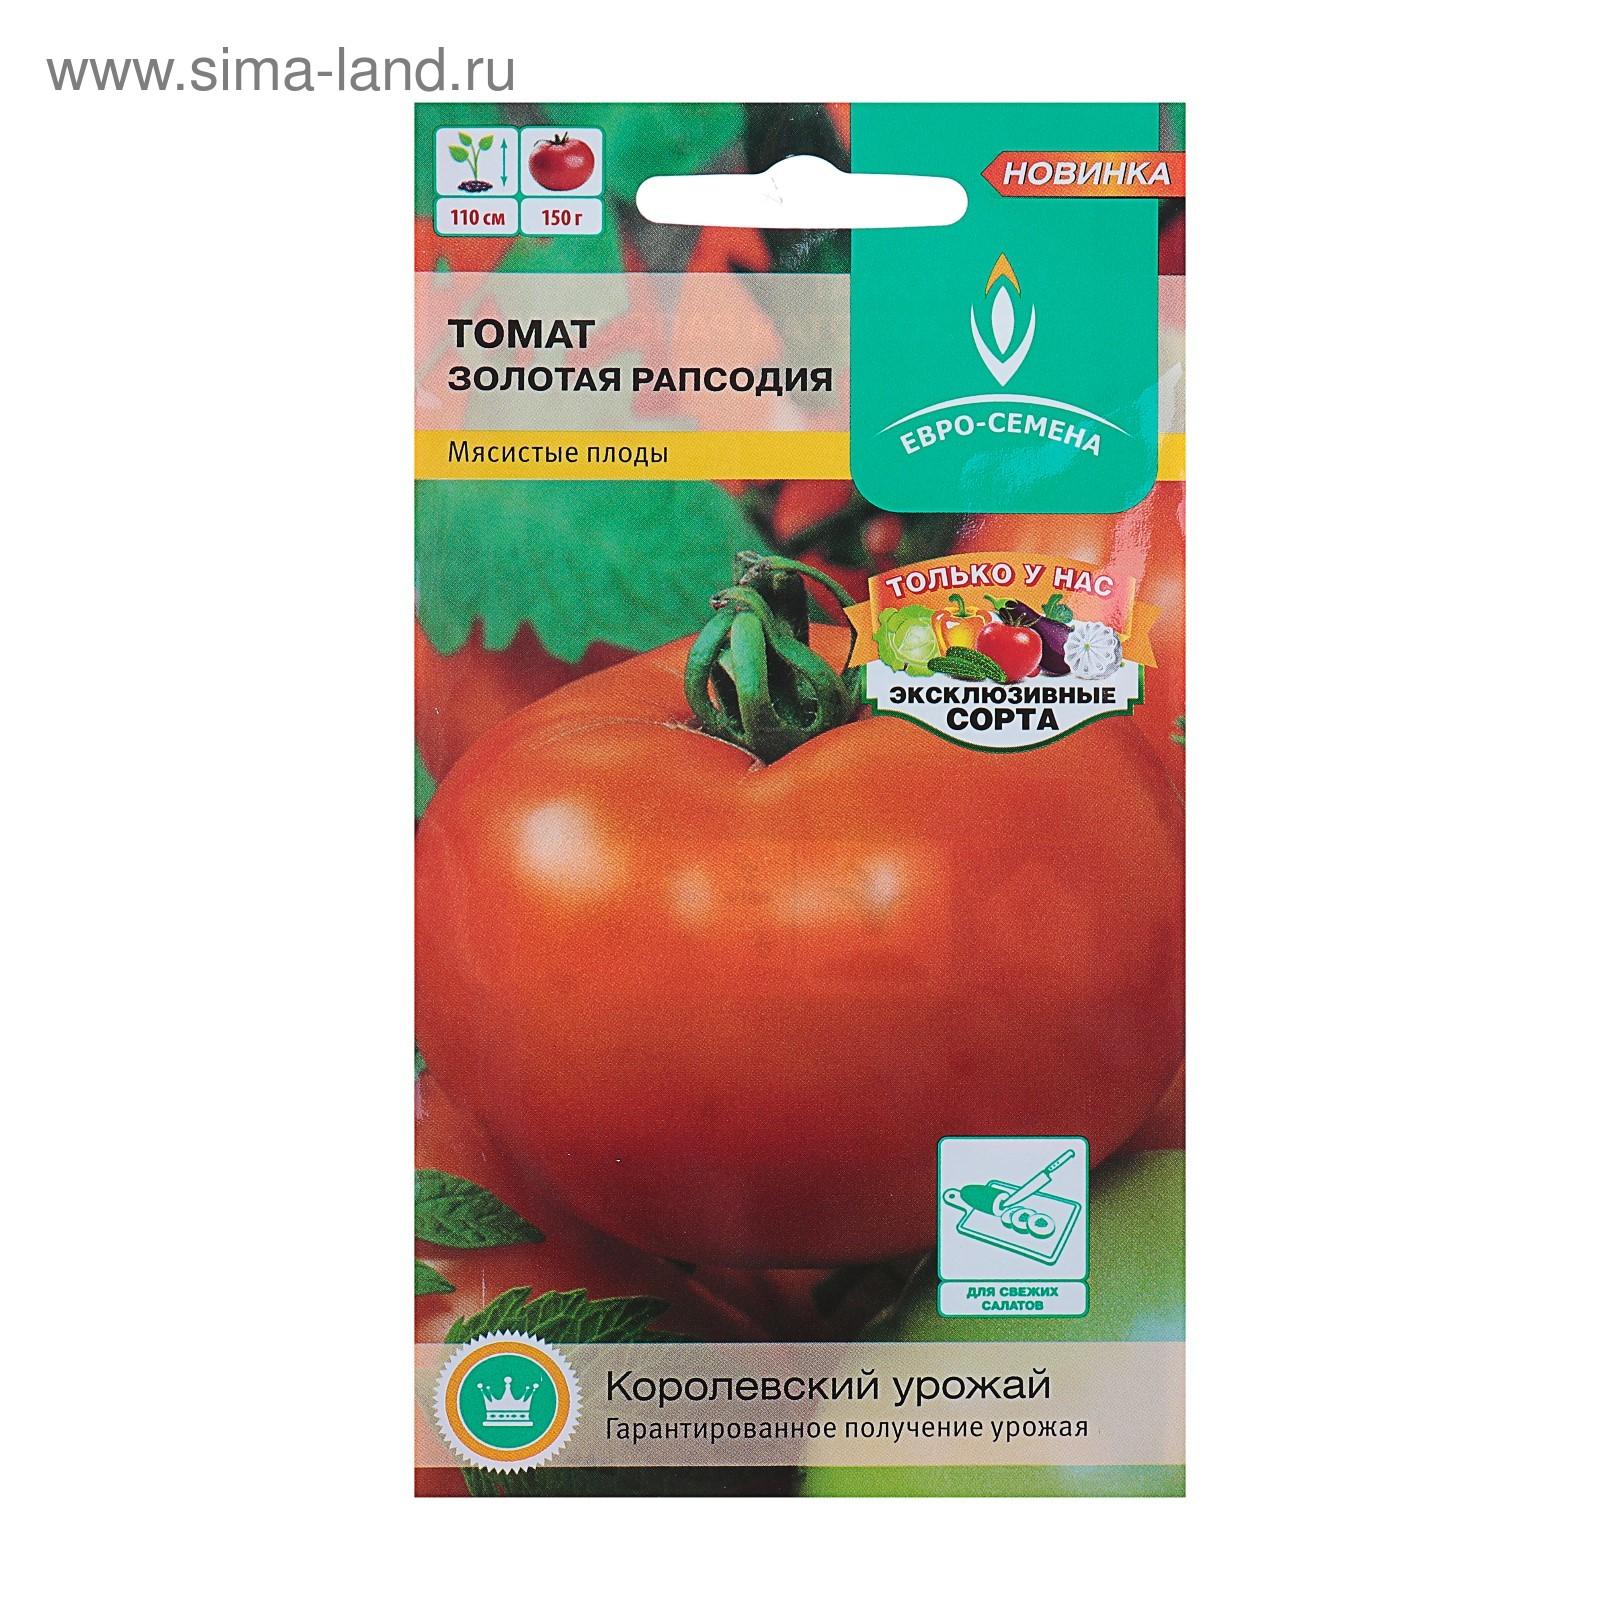 Теплолюбивый гибрид с целым рядом положительных качеств — томат малиновая сладость f1: описание сорта и характеристики